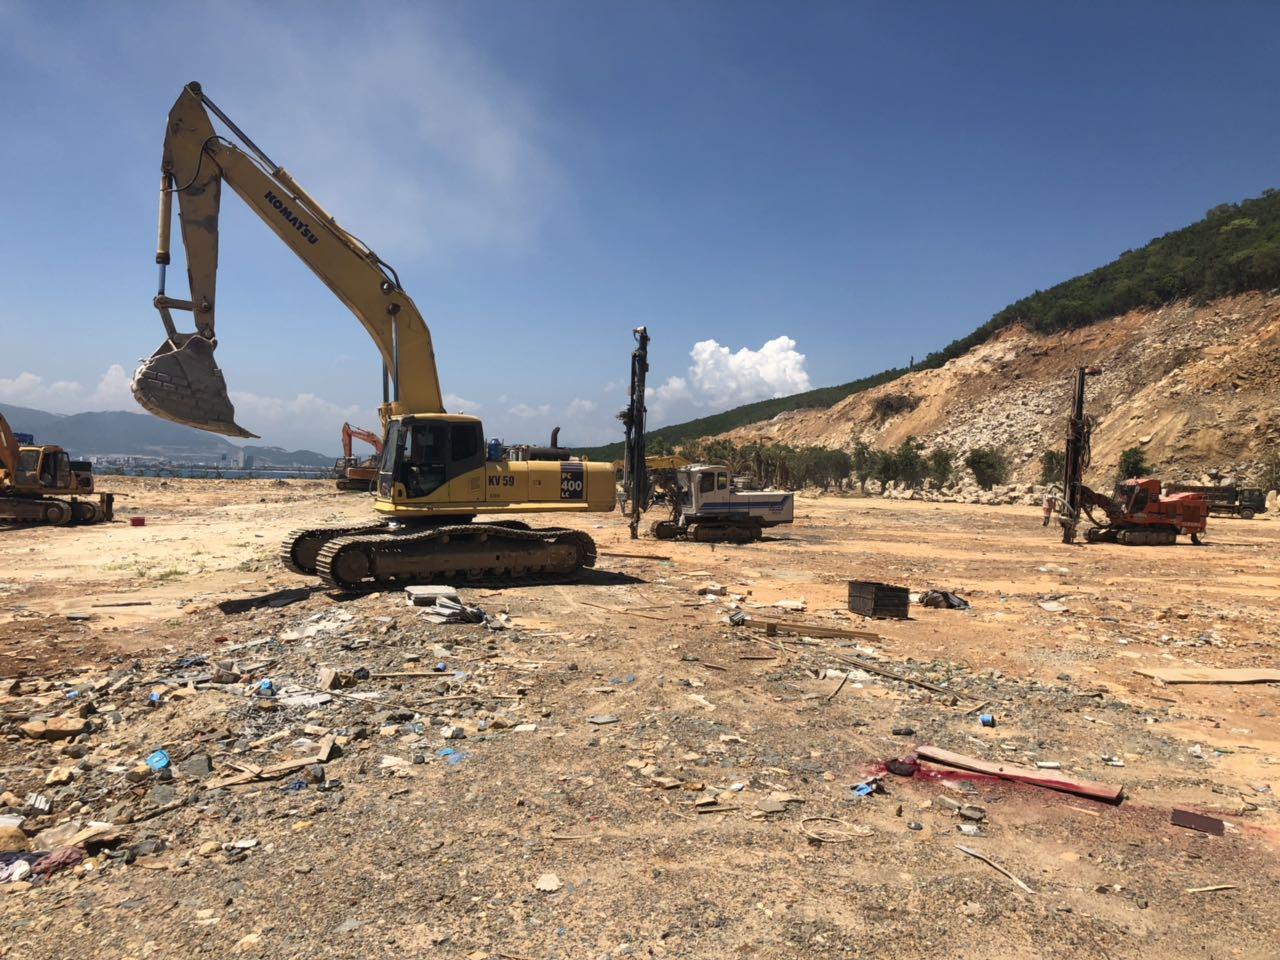 Tiến độ xây dựng dự án Vinpearl Condotel Hòn Tre3